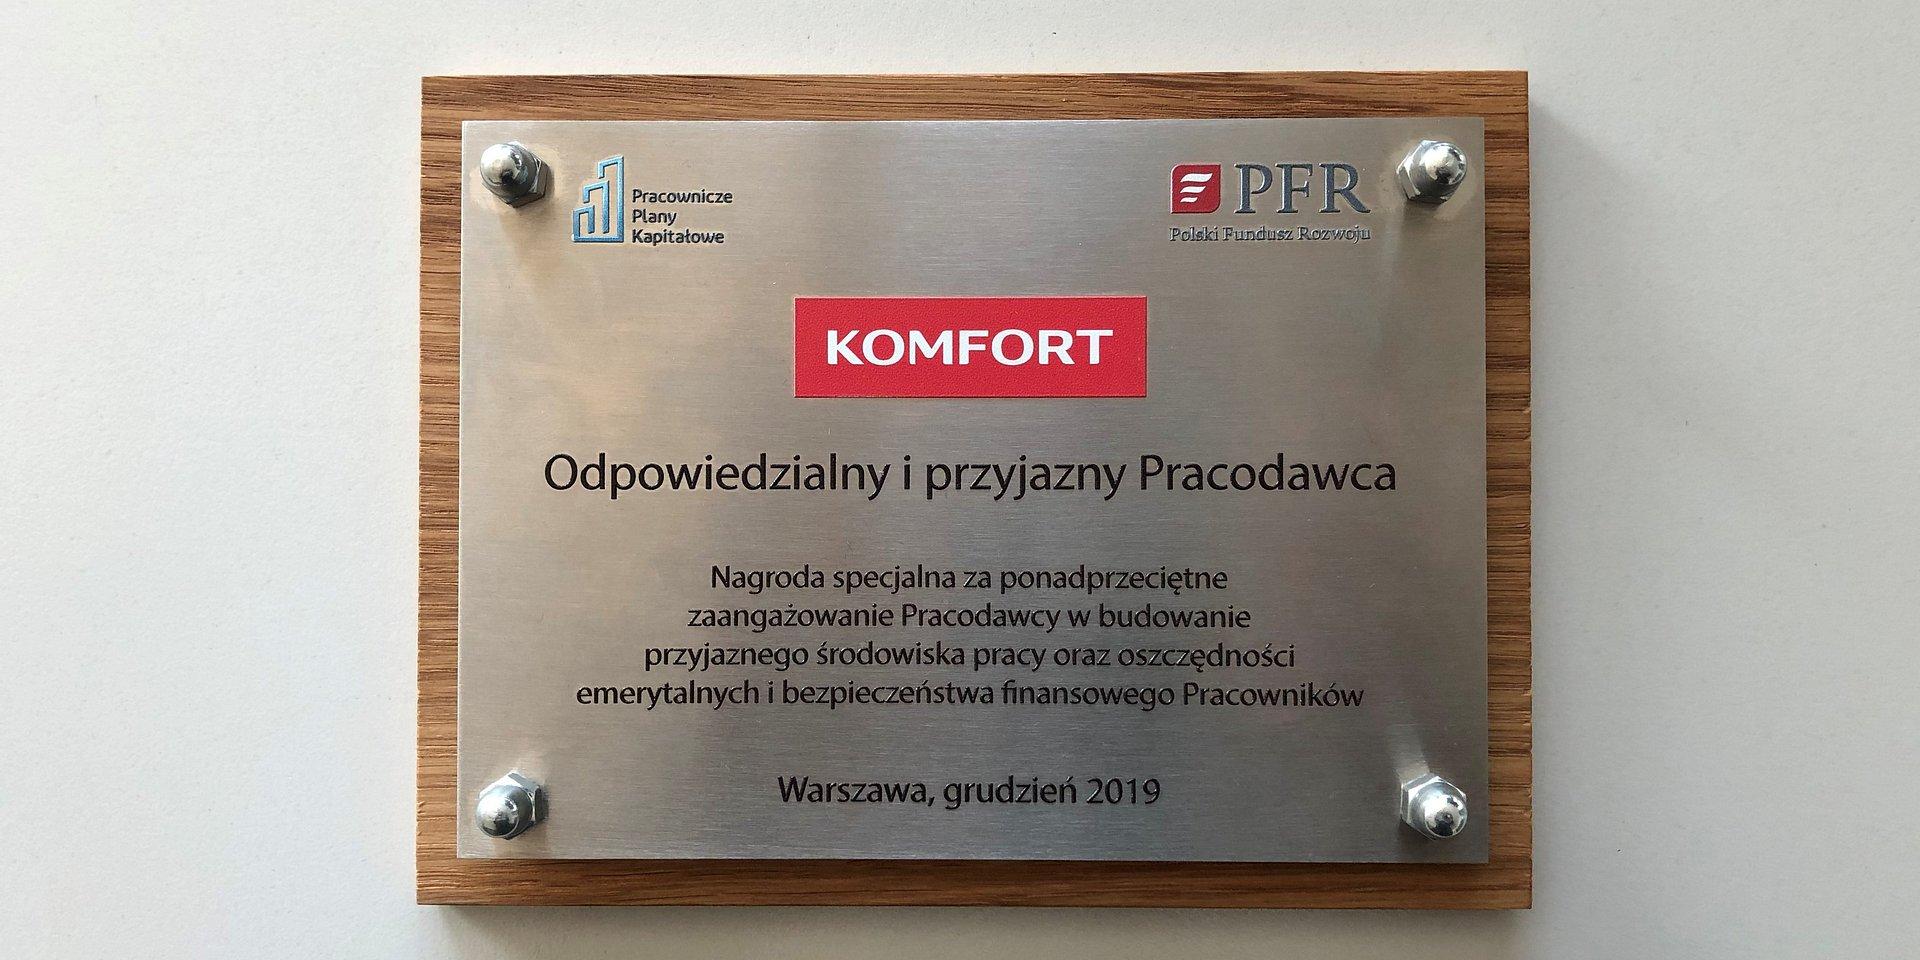 SKLEPY KOMFORT ODPOWIEDZIALNYM I PRZYJAZNYM PRACODAWCĄ. Nagroda Polskiego Funduszu Rozwoju za efektywne wdrożenie PPK